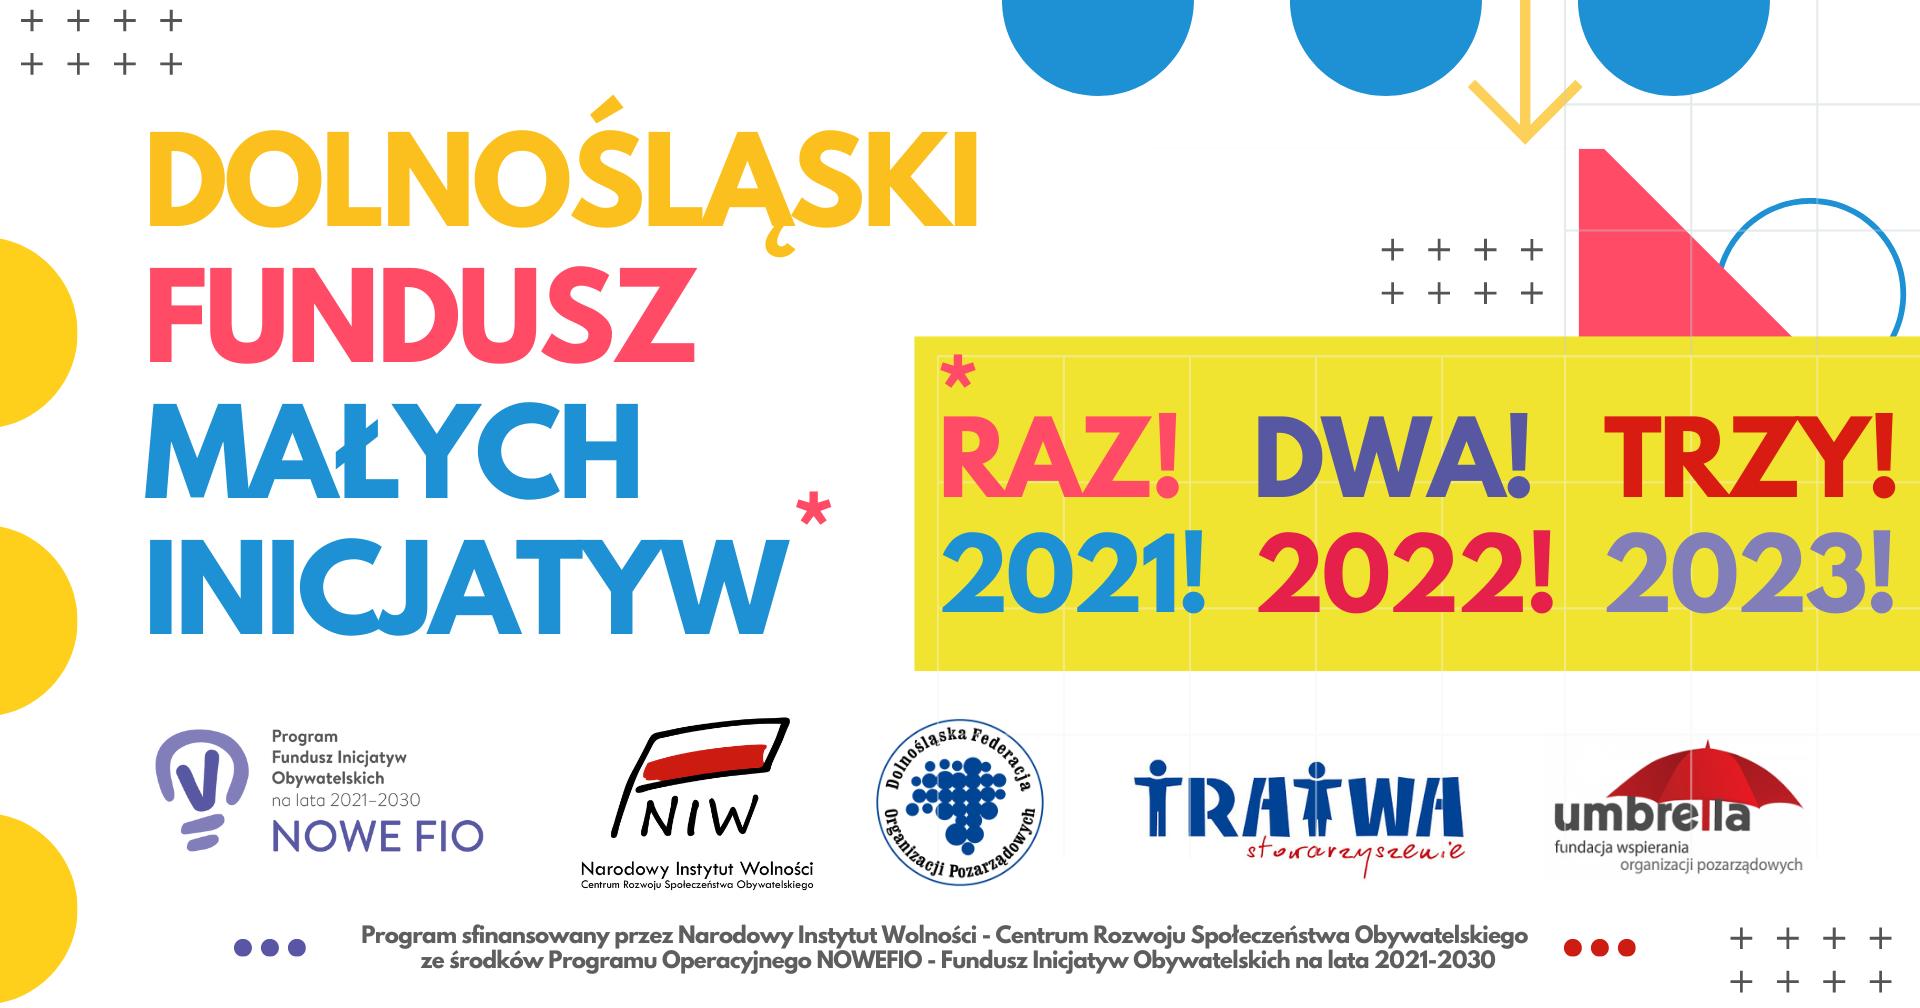 Mikrodotacje/wsparcia realizacji lokalnych przedsięwzięć do 5 tysięcy złotych dla młodych NGO, grup nieformalnych i samopomocowych z Dolnego Śląska